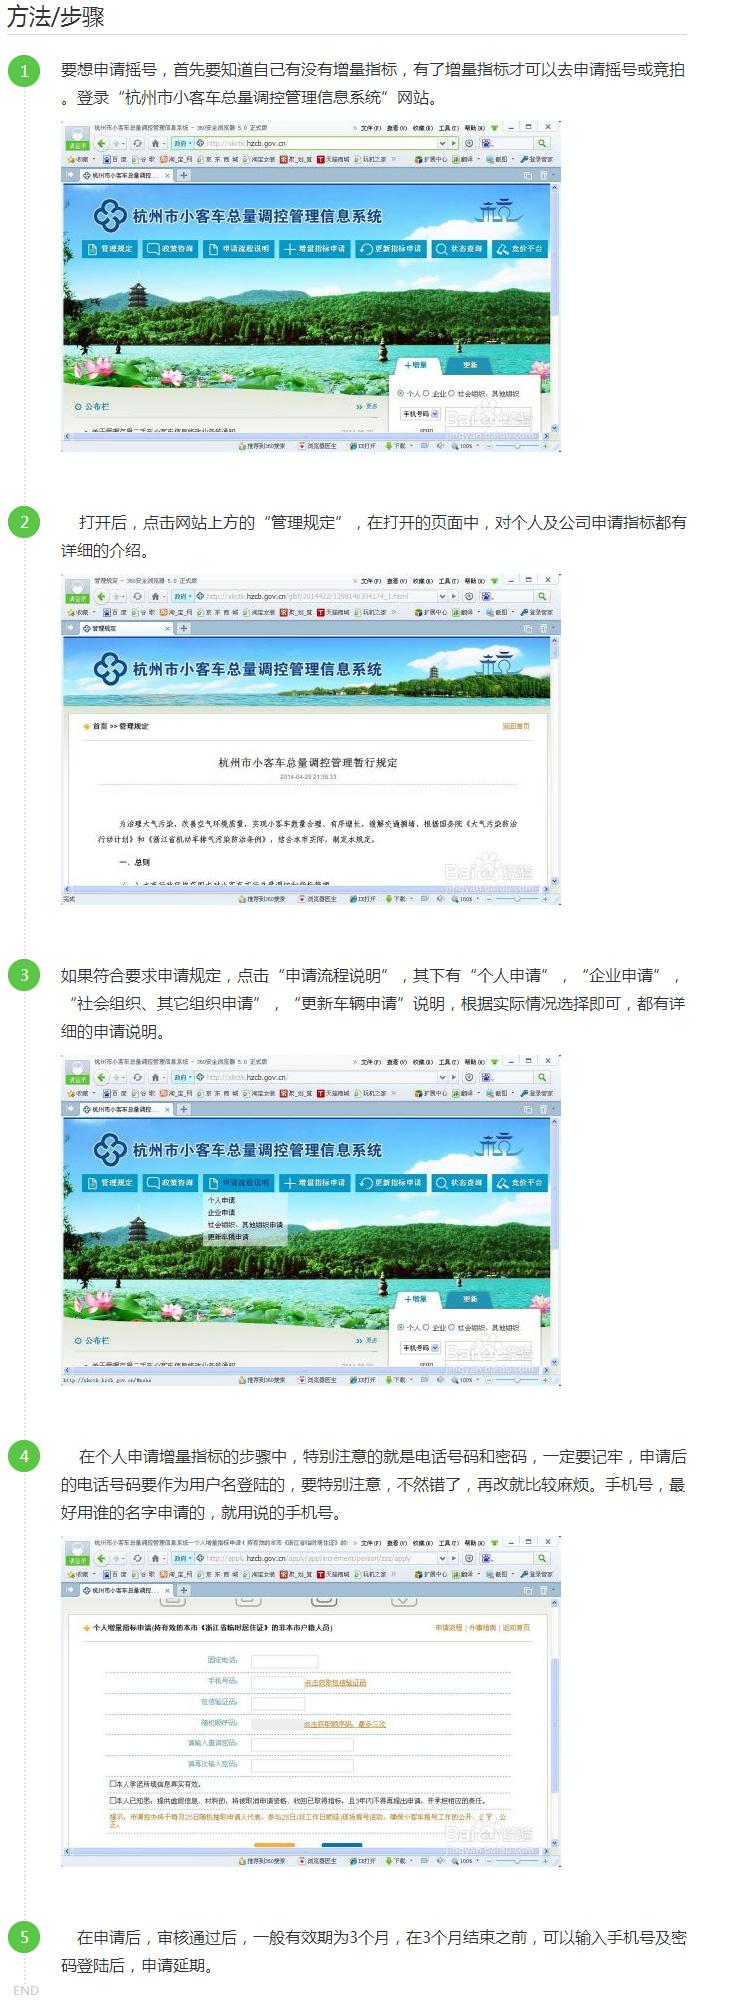 杭州车辆摇号流程